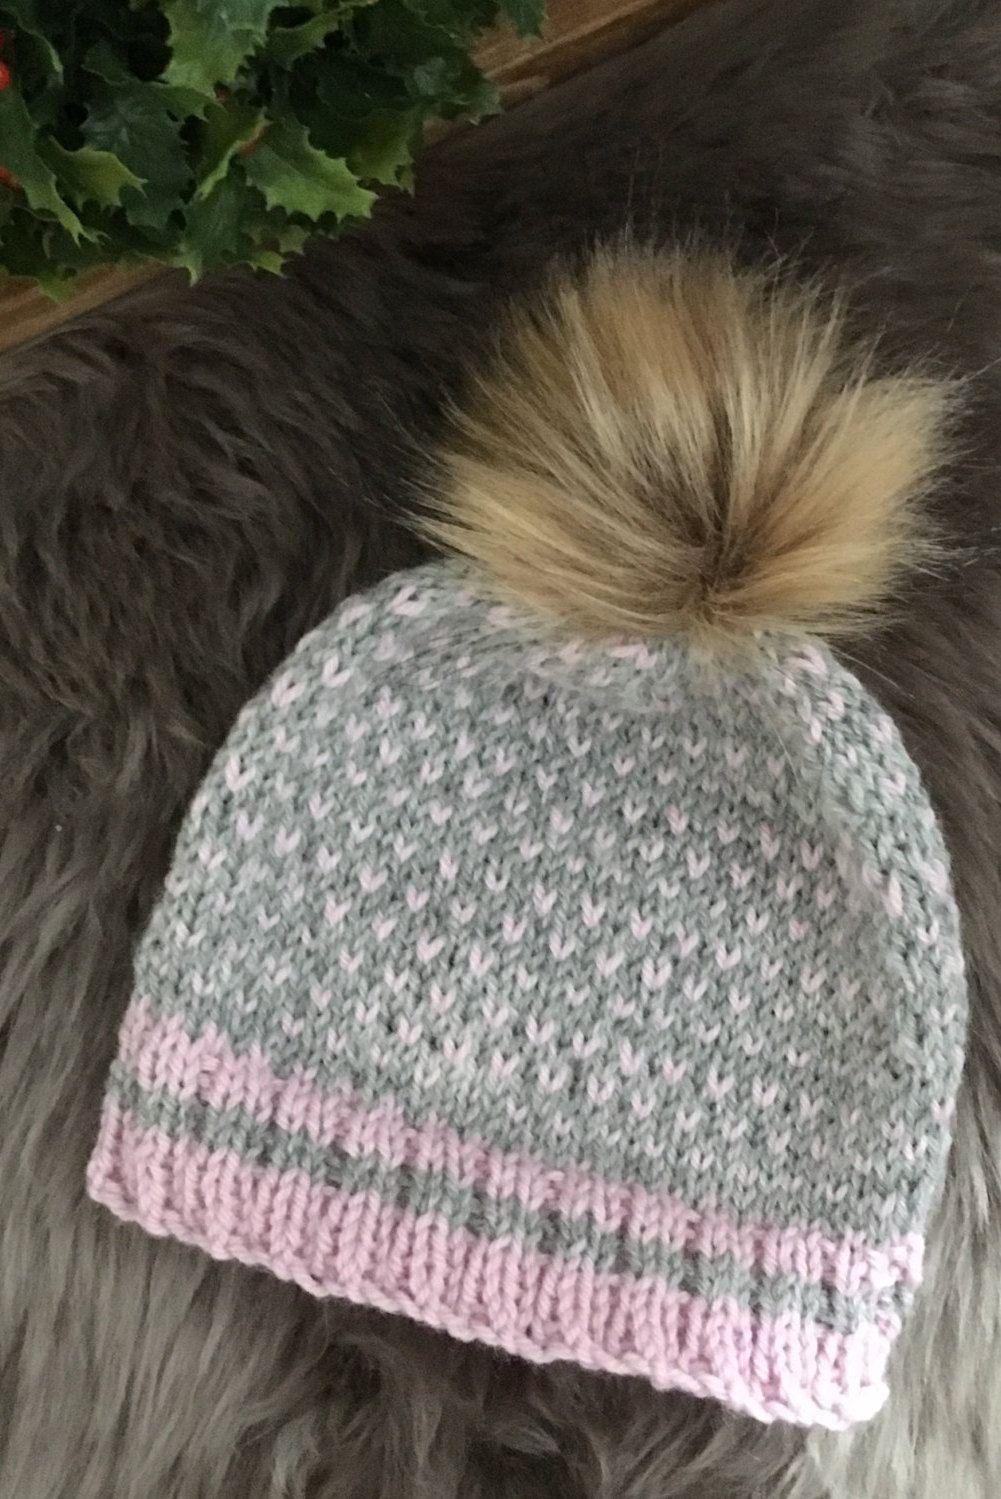 Toque knit baby 6-12 months   Pinterest   Tuque tricot, Tricot bébé ... 7547f8487d4